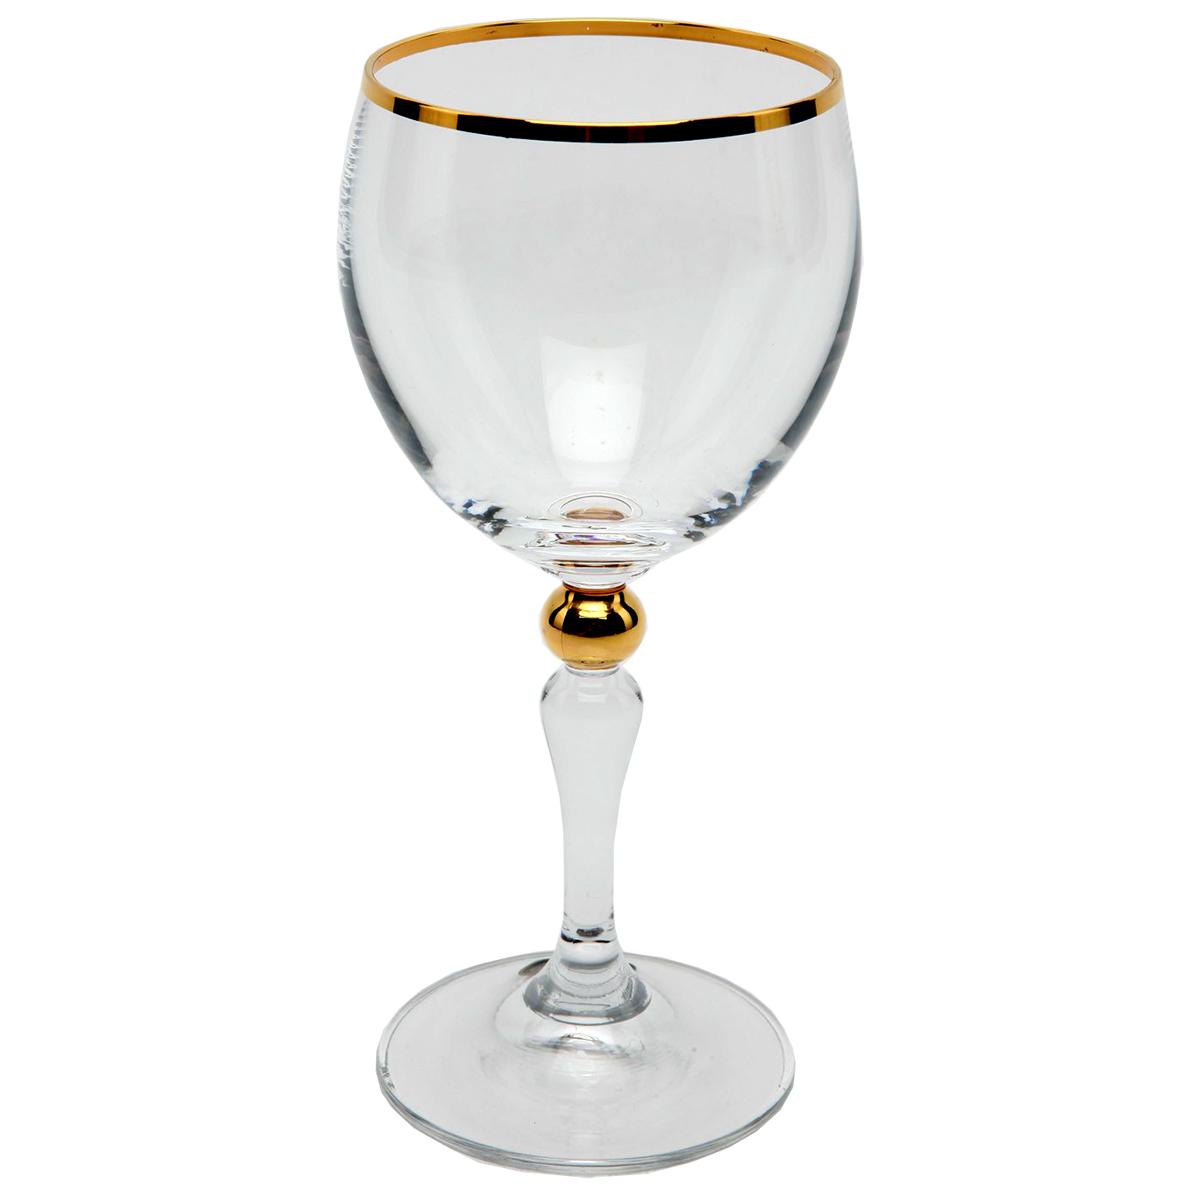 """Бокалы для шампанского Bohemia Crystal коллекции """"Кармен"""" порадуют не только вас, но и ваших гостей. Они обладают привлекательным внешним видом, а материалом их изготовления является высококачественное хрустальное стекло. Кроме того, красоту бокала подчеркивает элегантная форма ножки. Объем бокала 190 мл. Количество в упаковке 6 шт."""